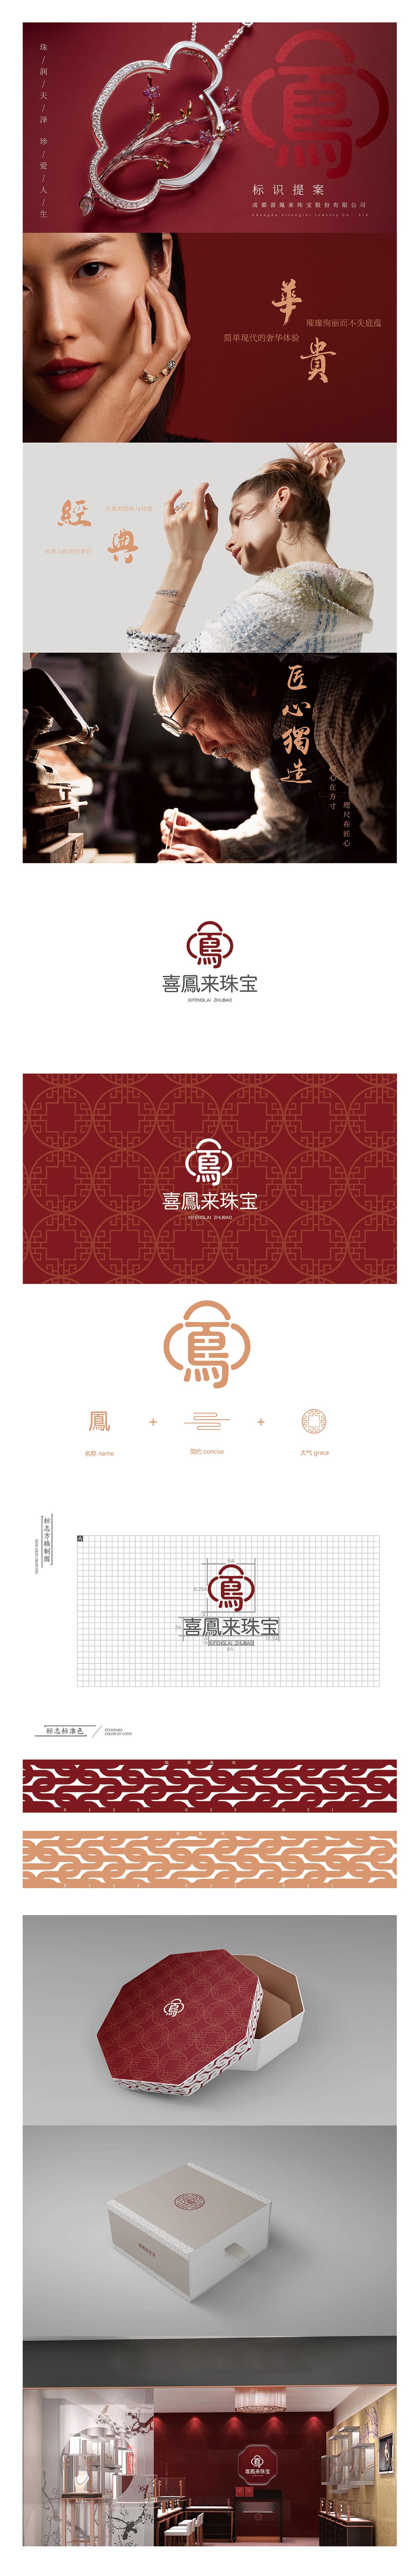 8.17蔡京成vi喜鳳來-01.jpg